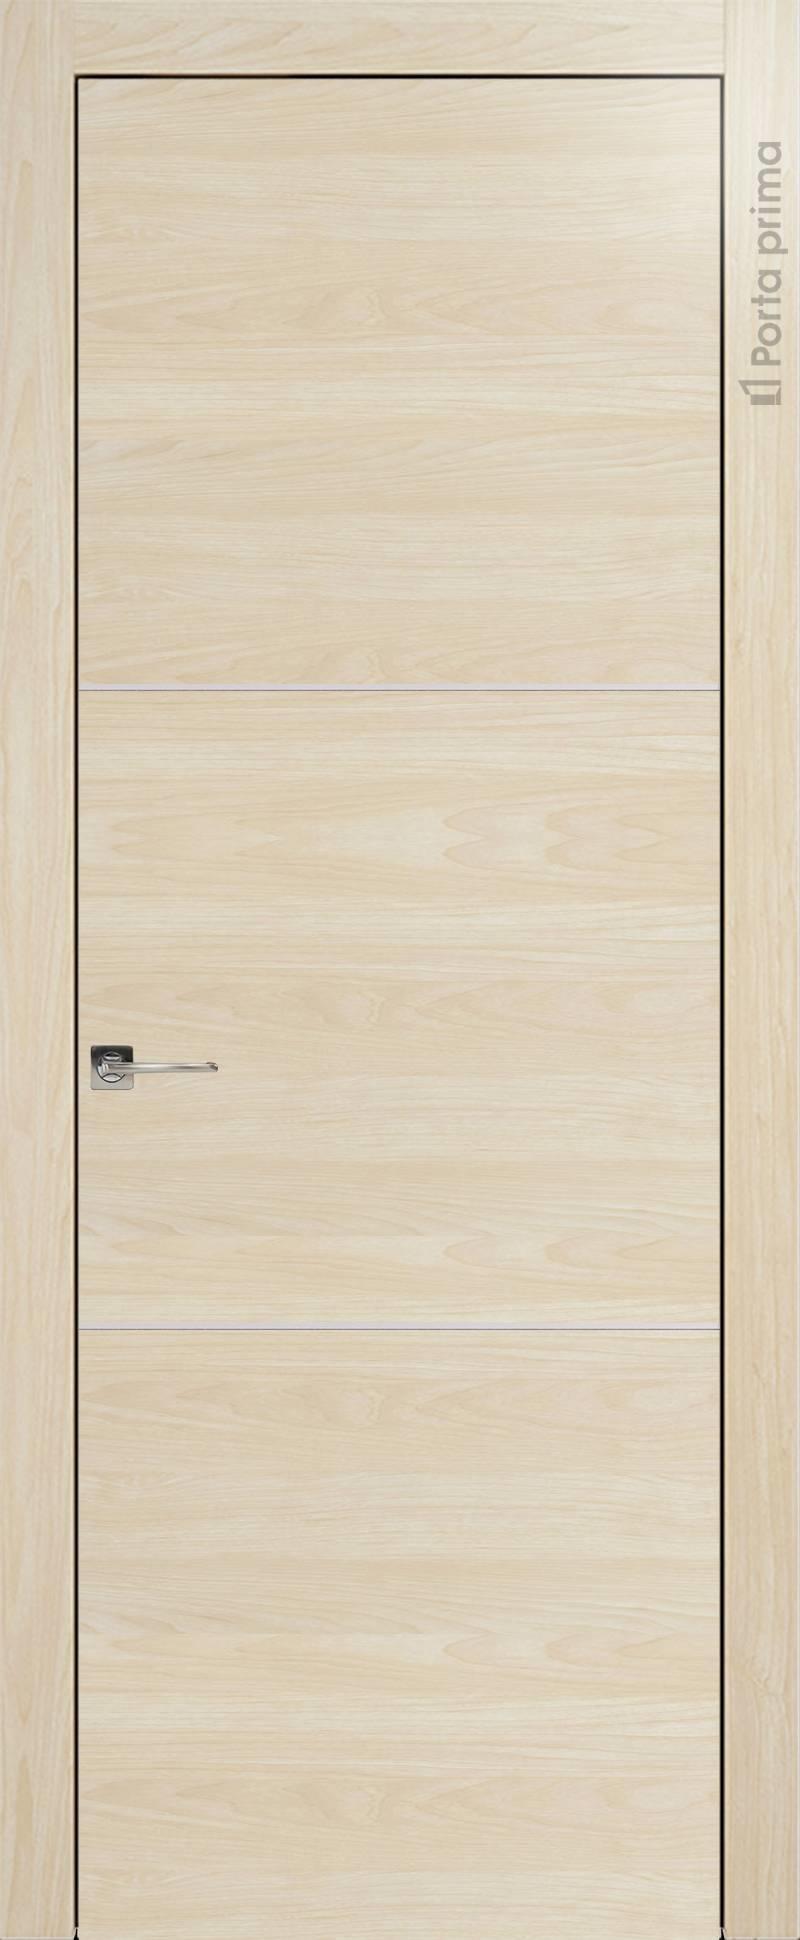 Tivoli В-3 цвет - Клен Без стекла (ДГ)